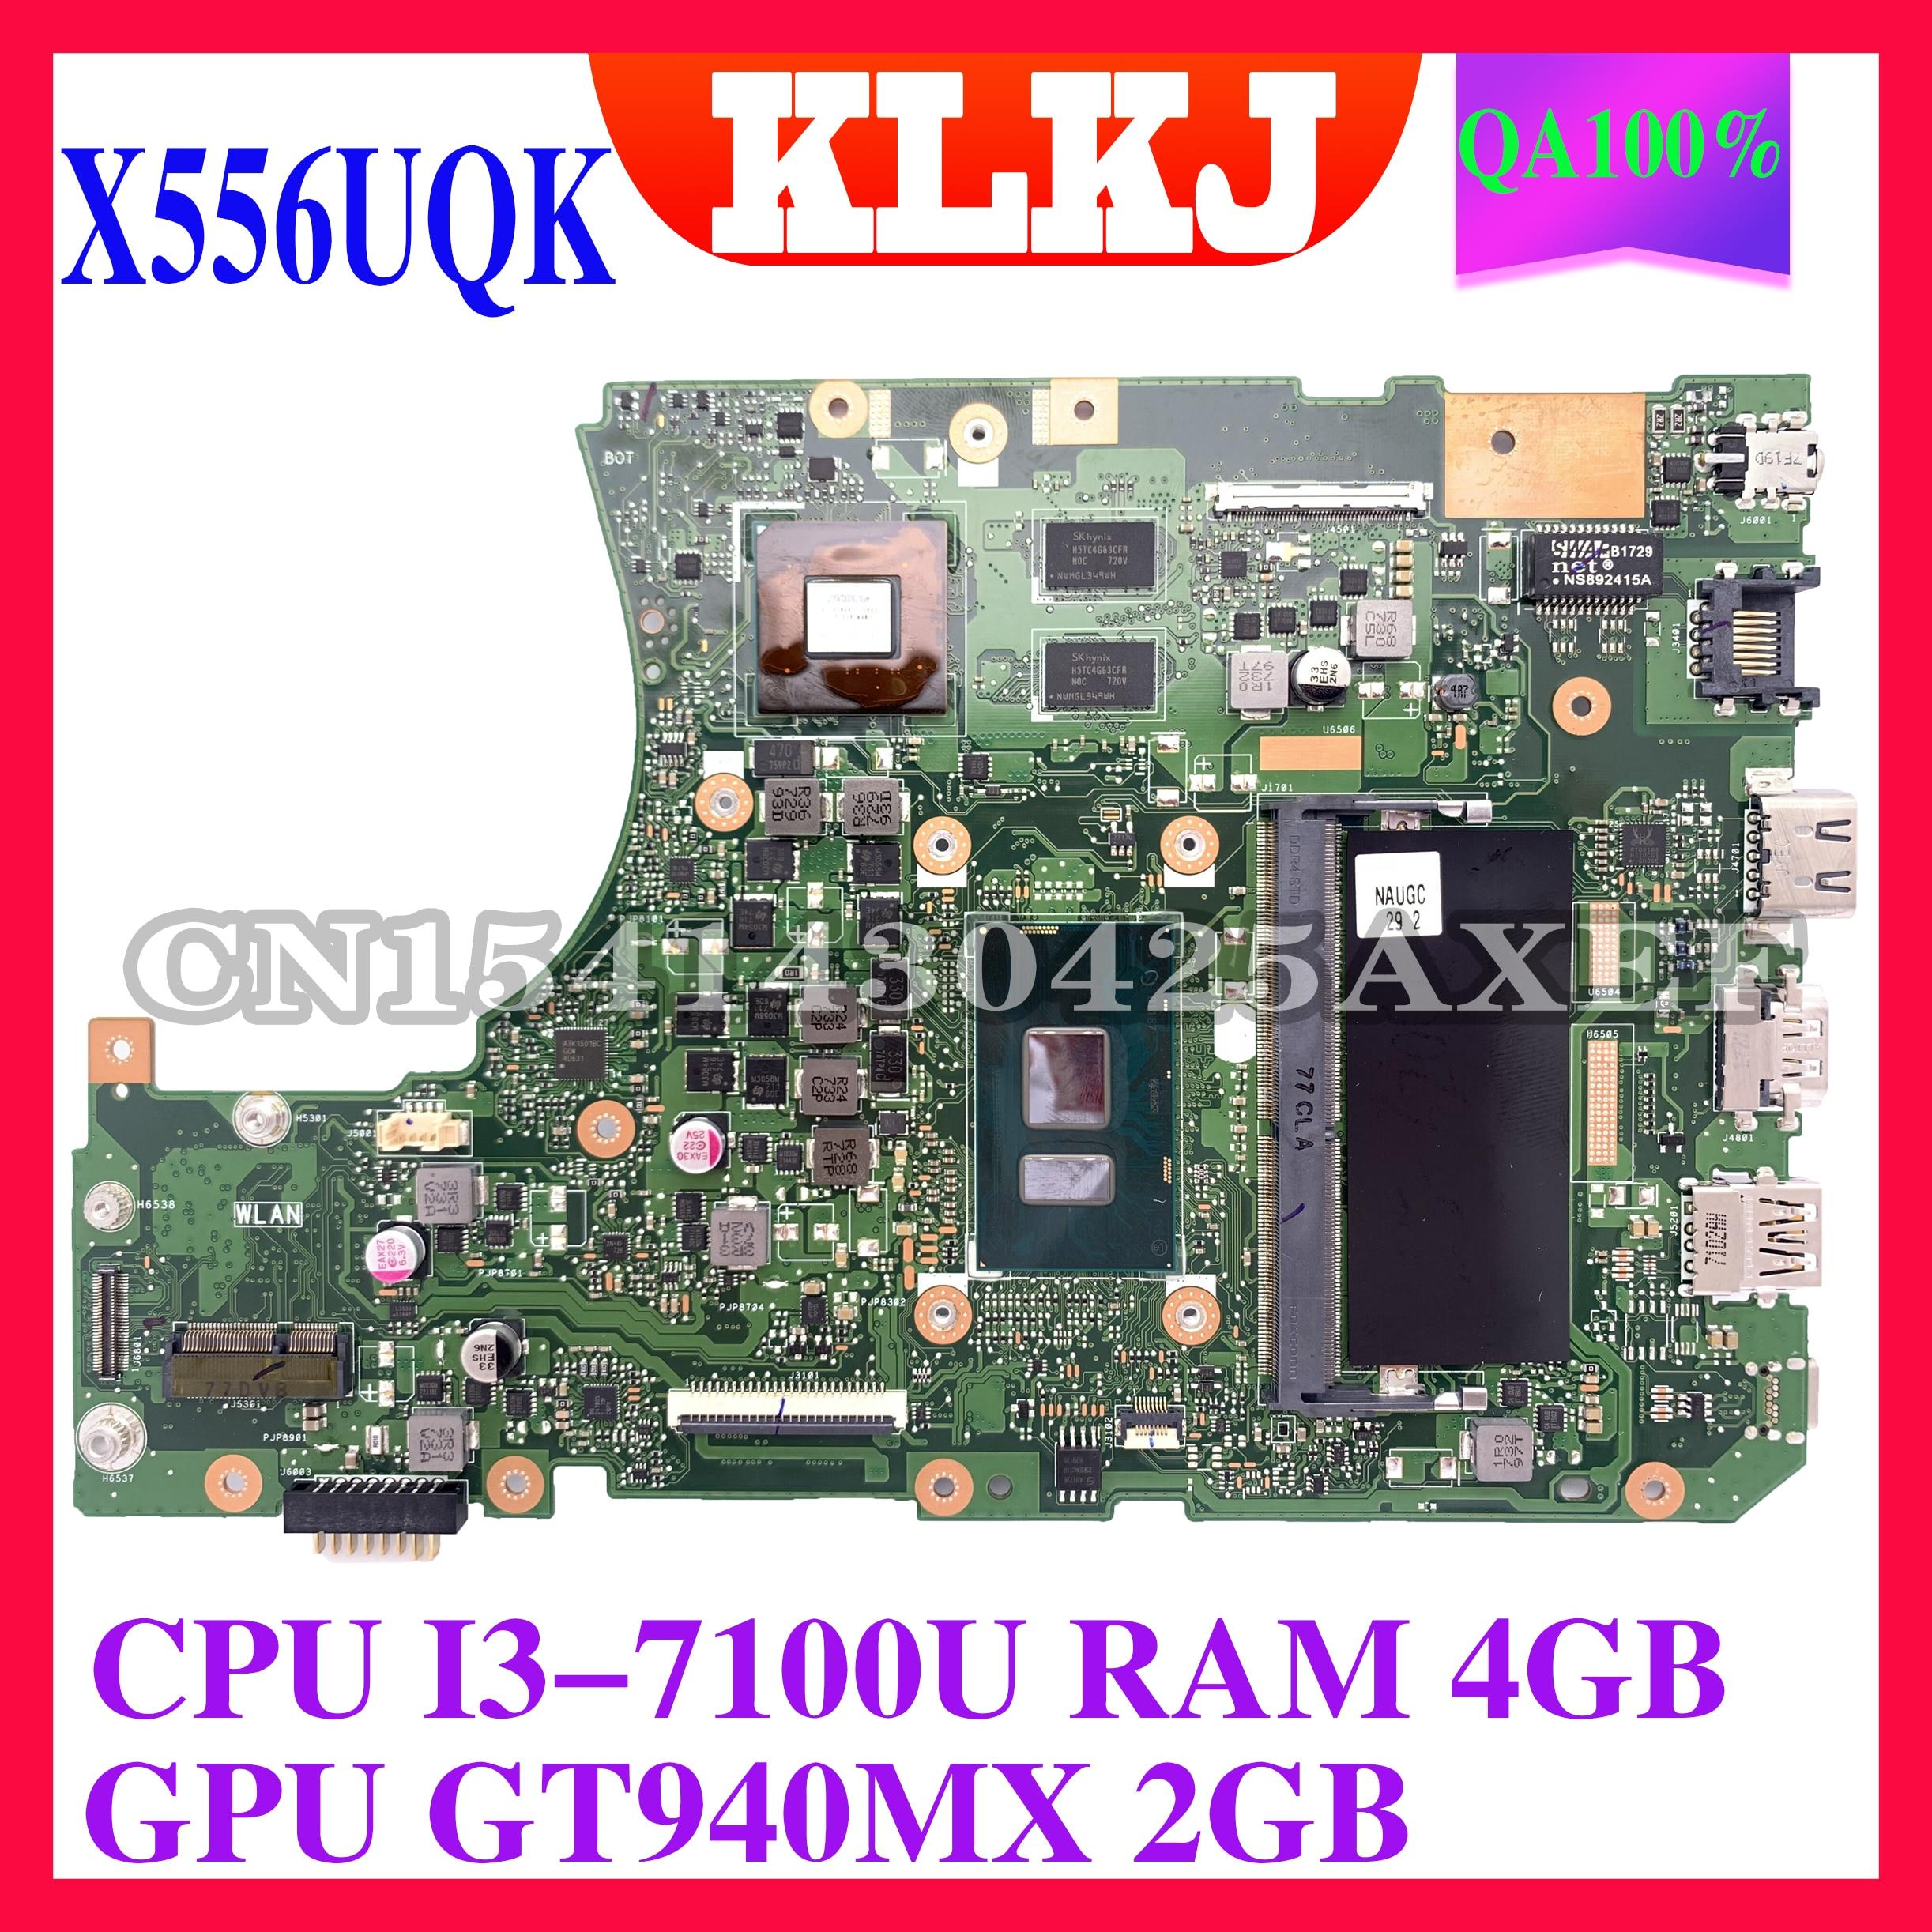 KLKJ X556UQK اللوحة لابتوب ASUS X556UB X556UQ X556UJ X556UF X556U اللوحة الأصلية 2GB-RAM I3-7100U GT940MX 2GB